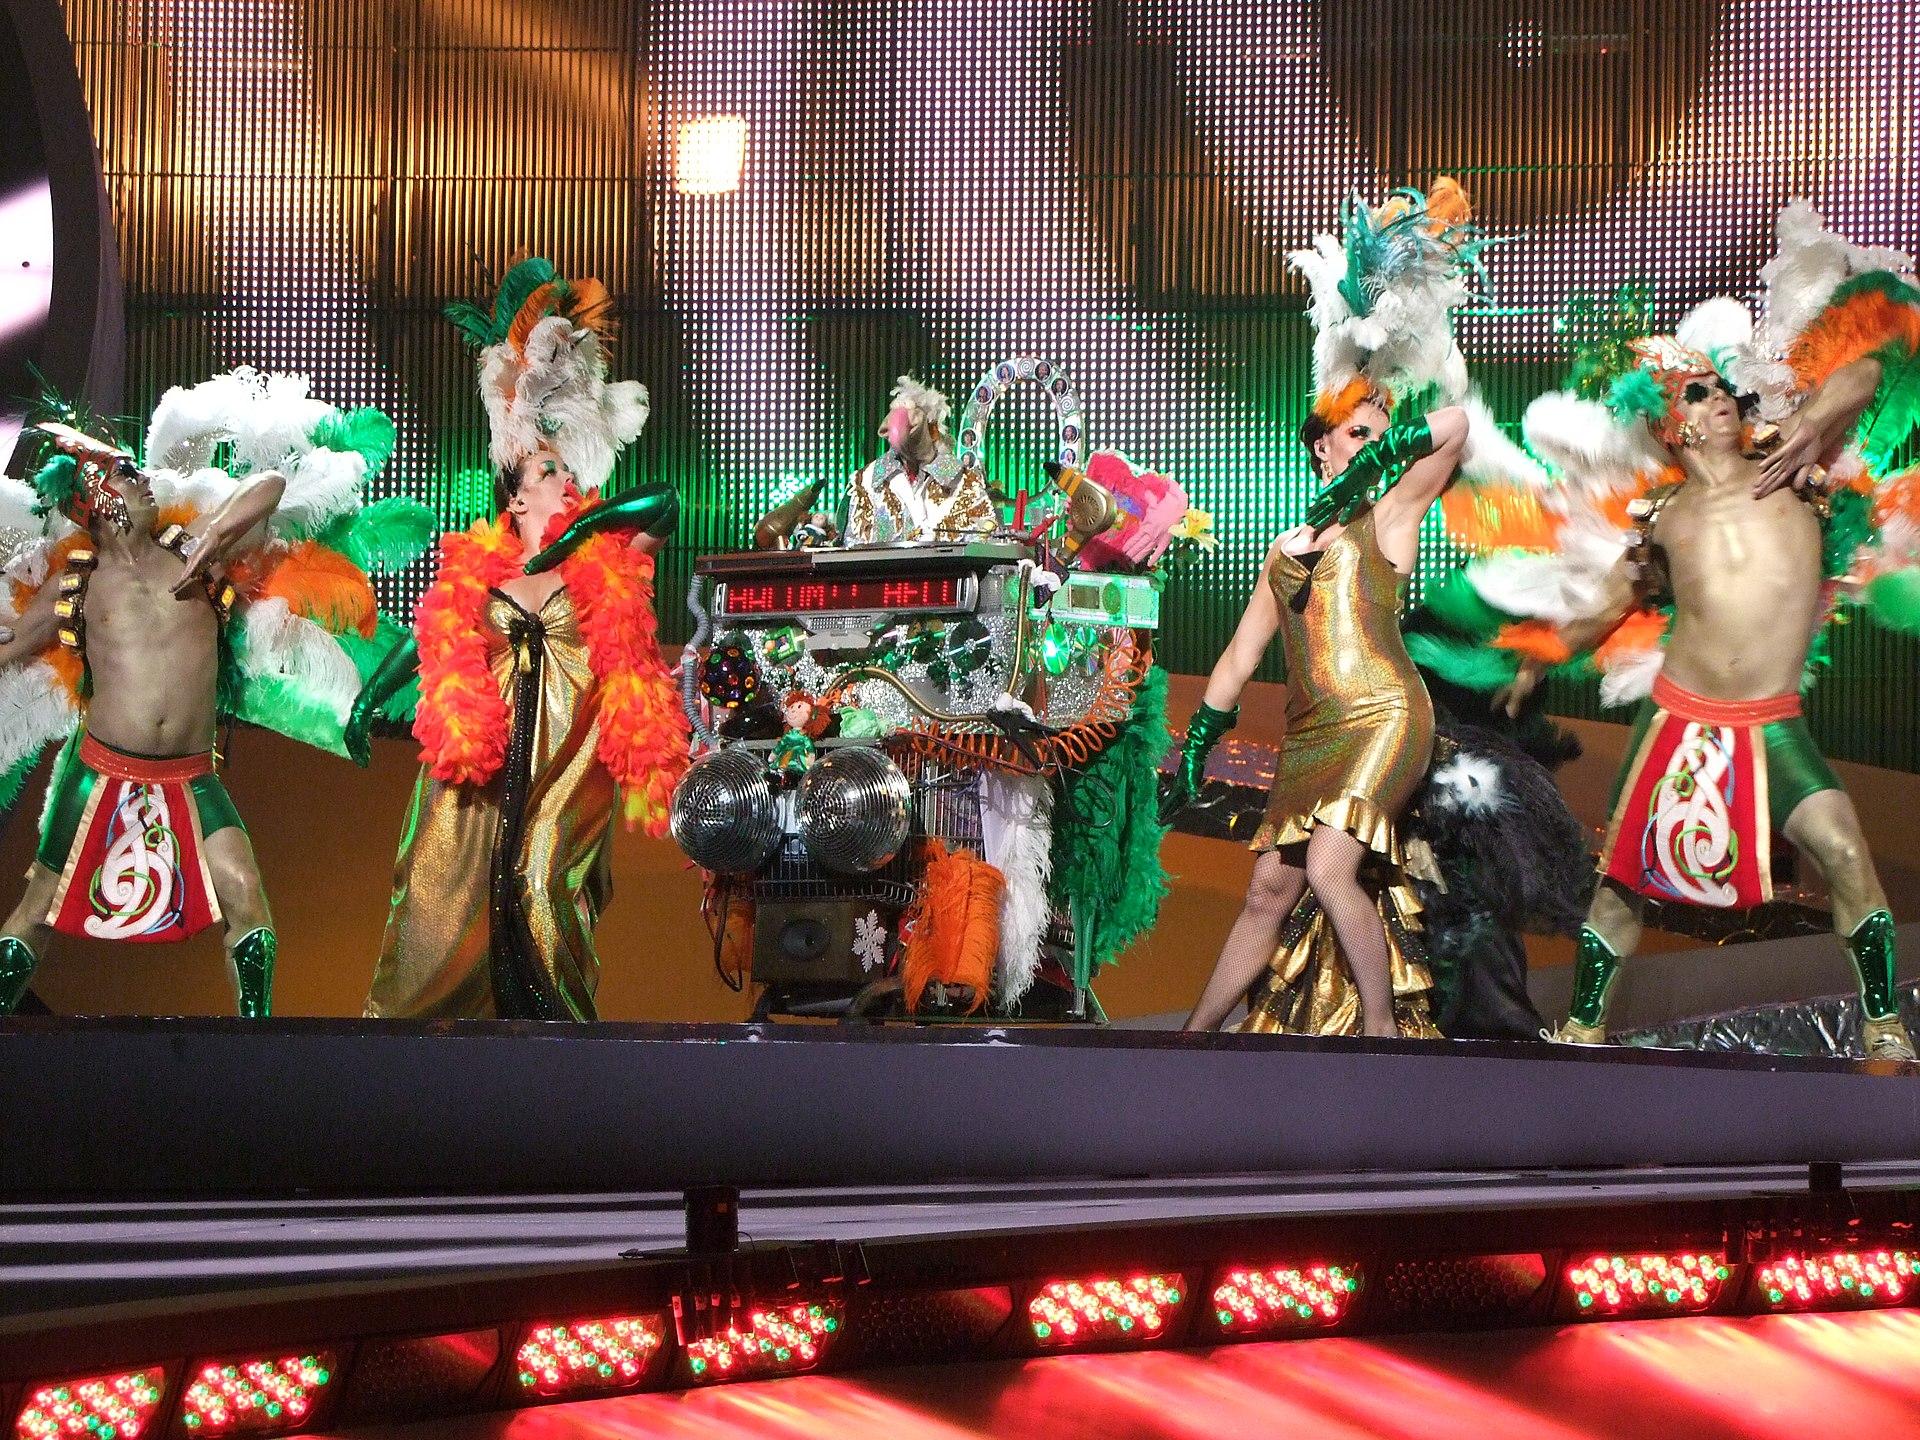 евровидение 2006 песня видео